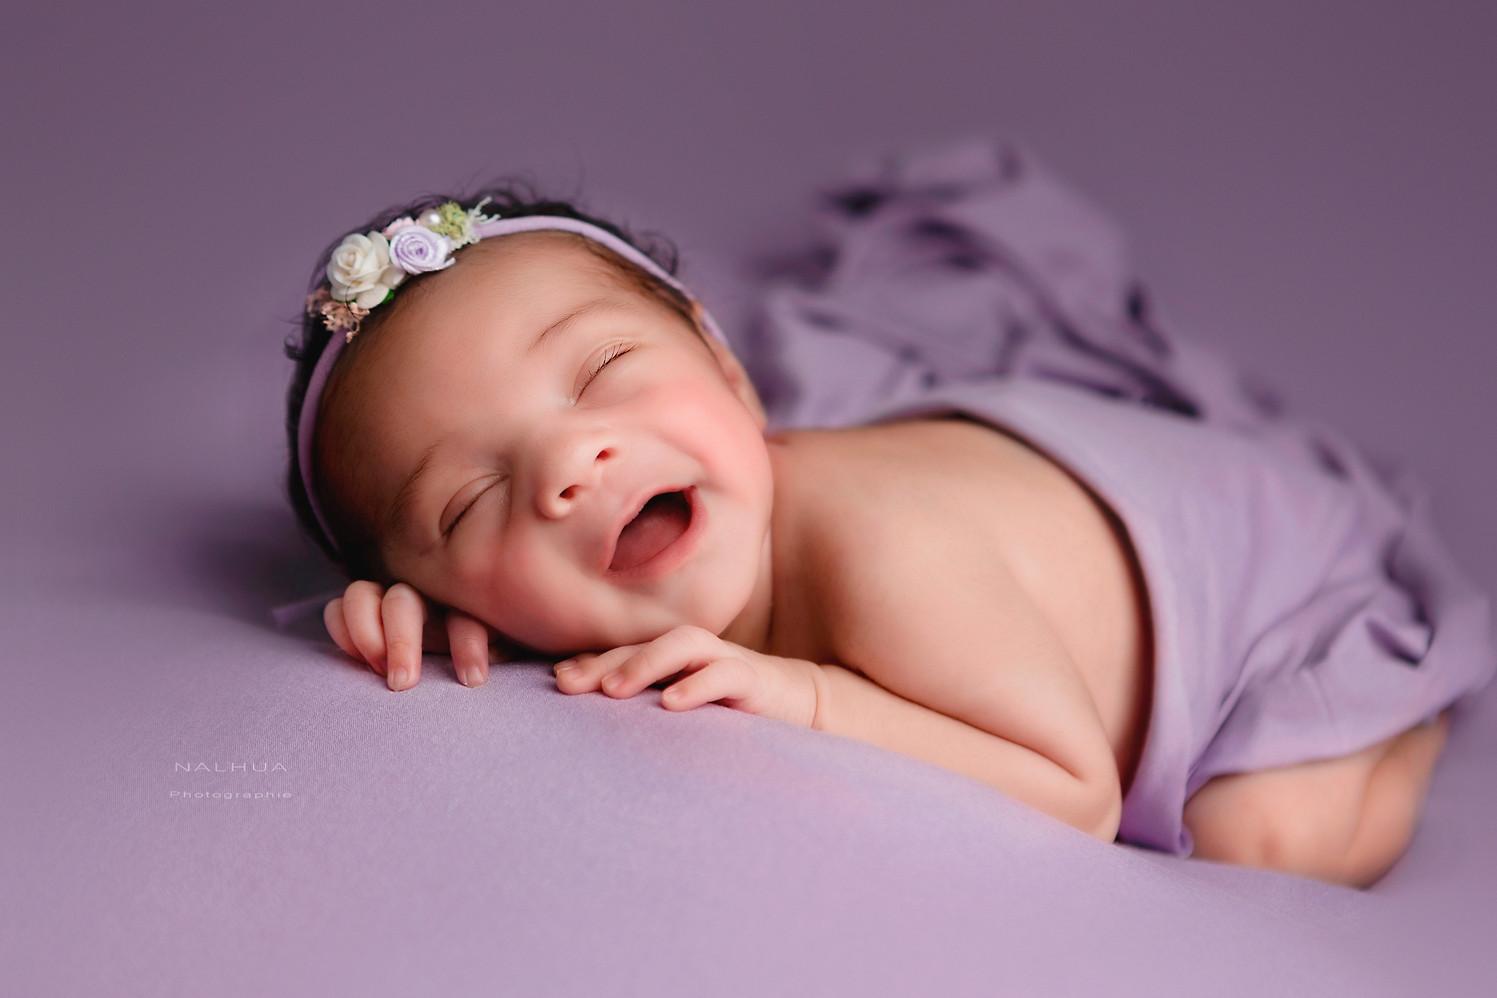 Nouveau-né allongée qui rit